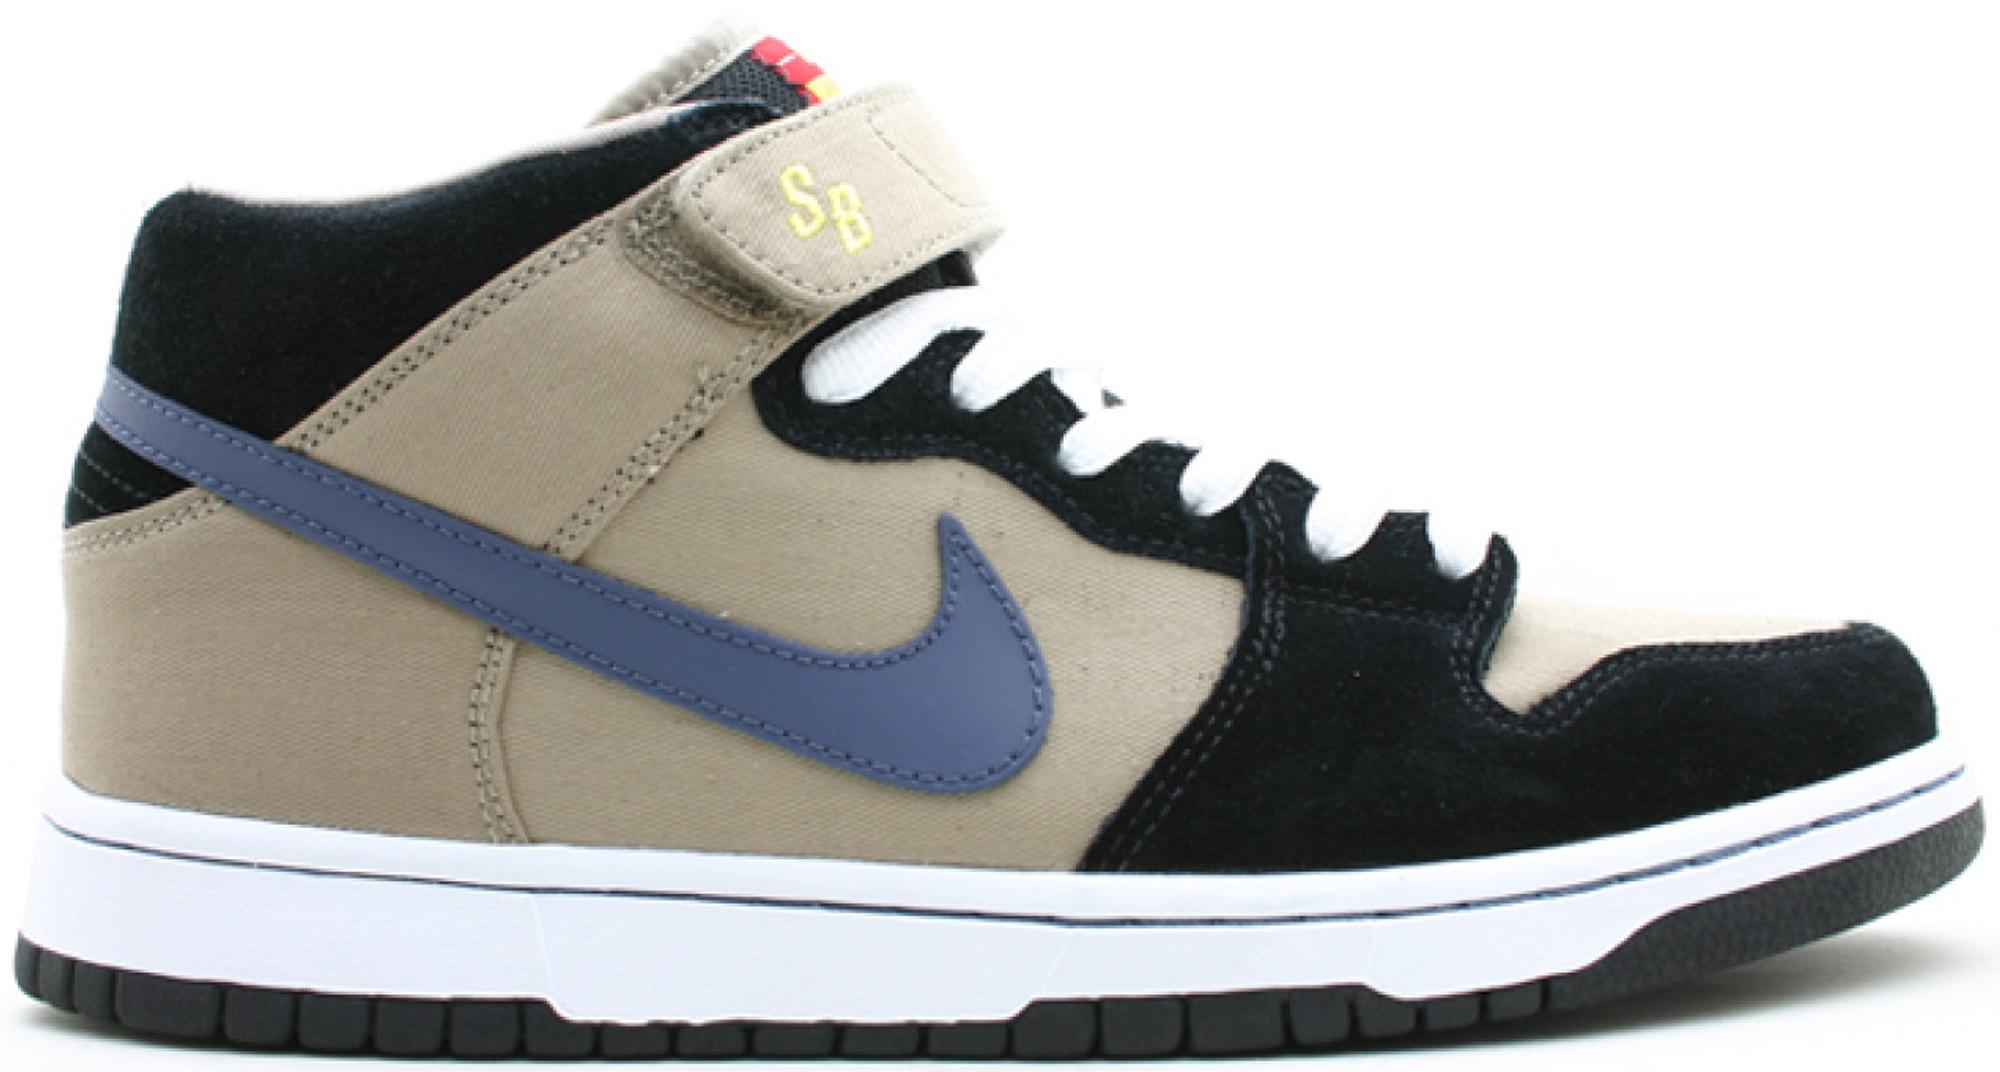 Nike SB Dunk Mid Workwear